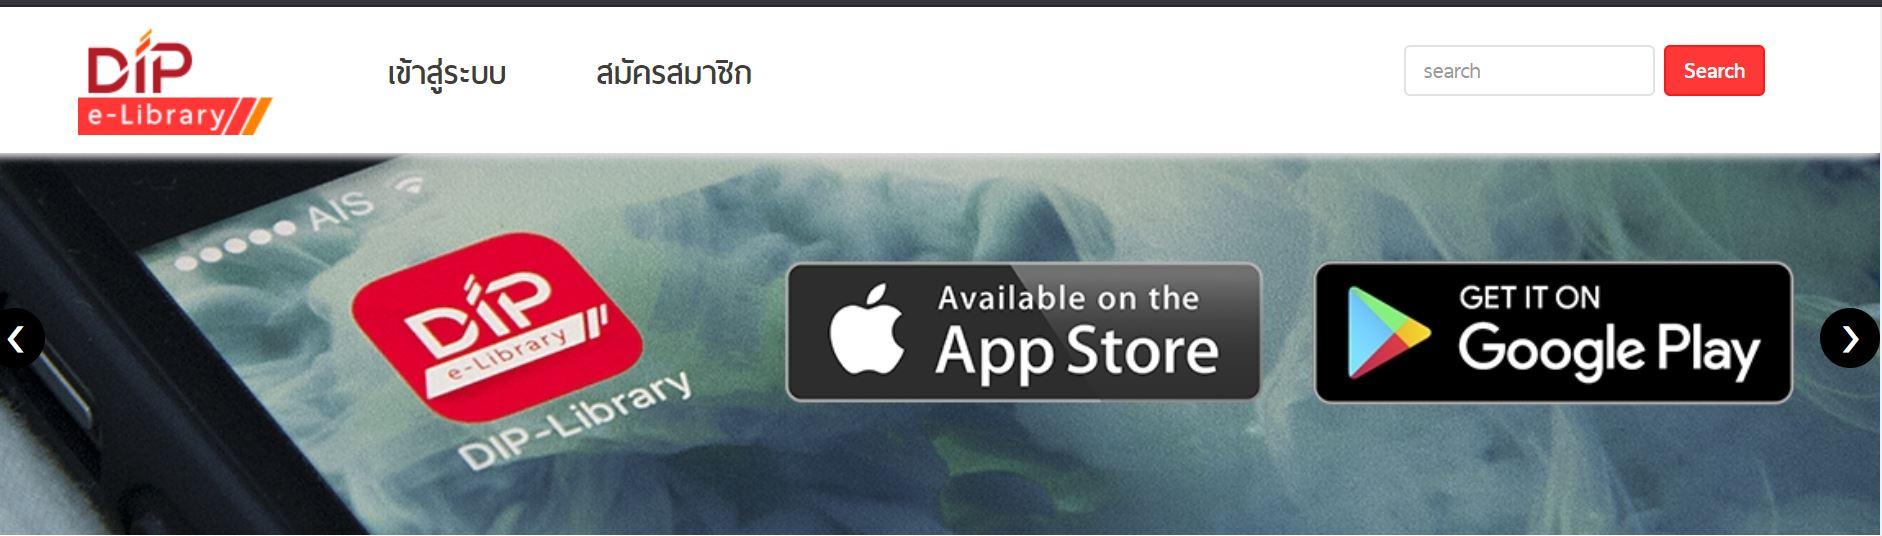 'DIP e-Library' ให้ข้อมูลความรู้ เข้าไปอ่านฟรี!